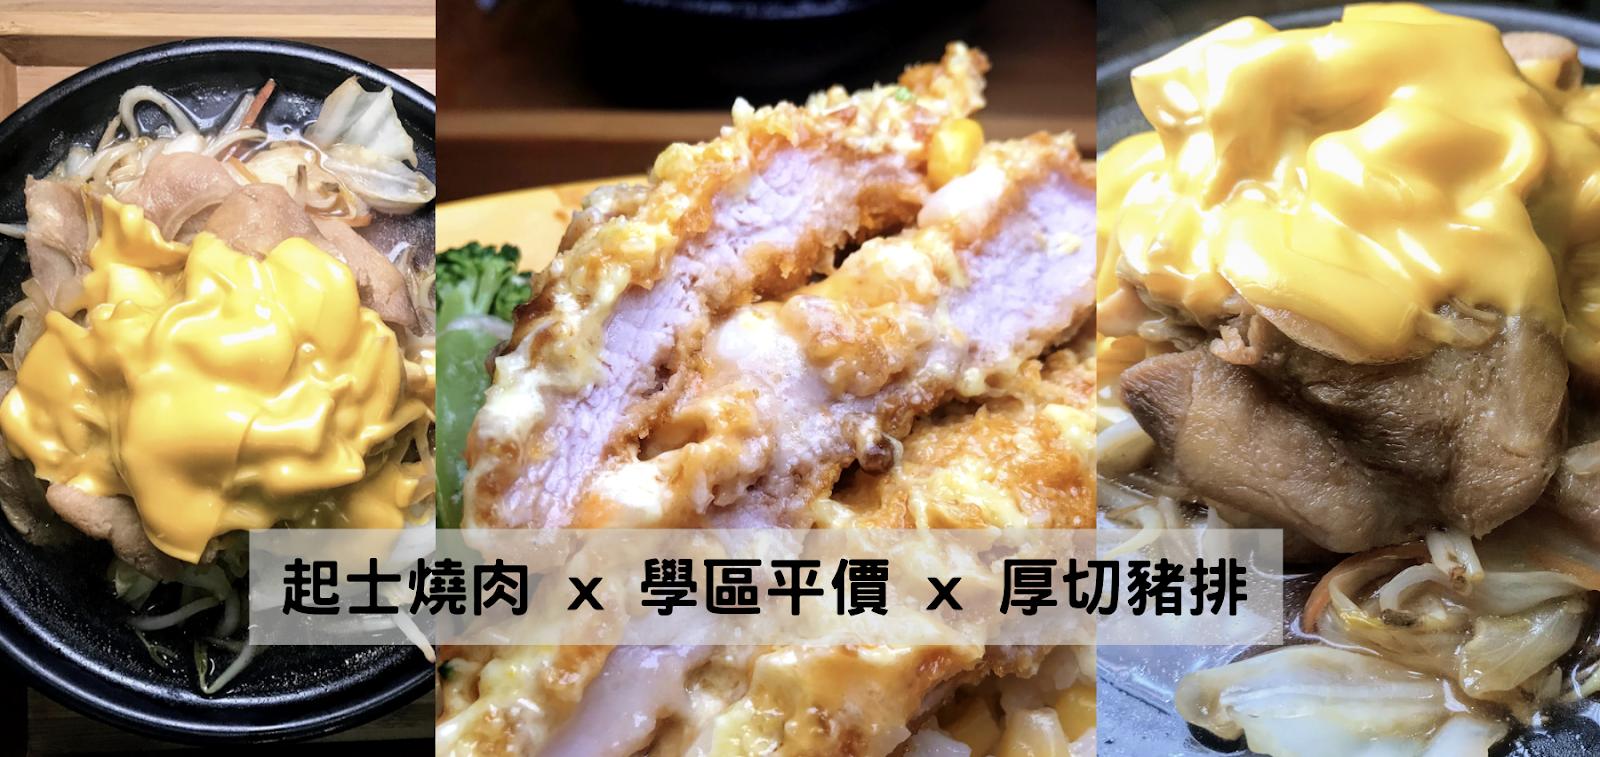  雙醬咖哩 大灣店 平價高CP的學區餐廳 厚切豬排遇上雙醬的好滋味 [台南 永康 崑山]